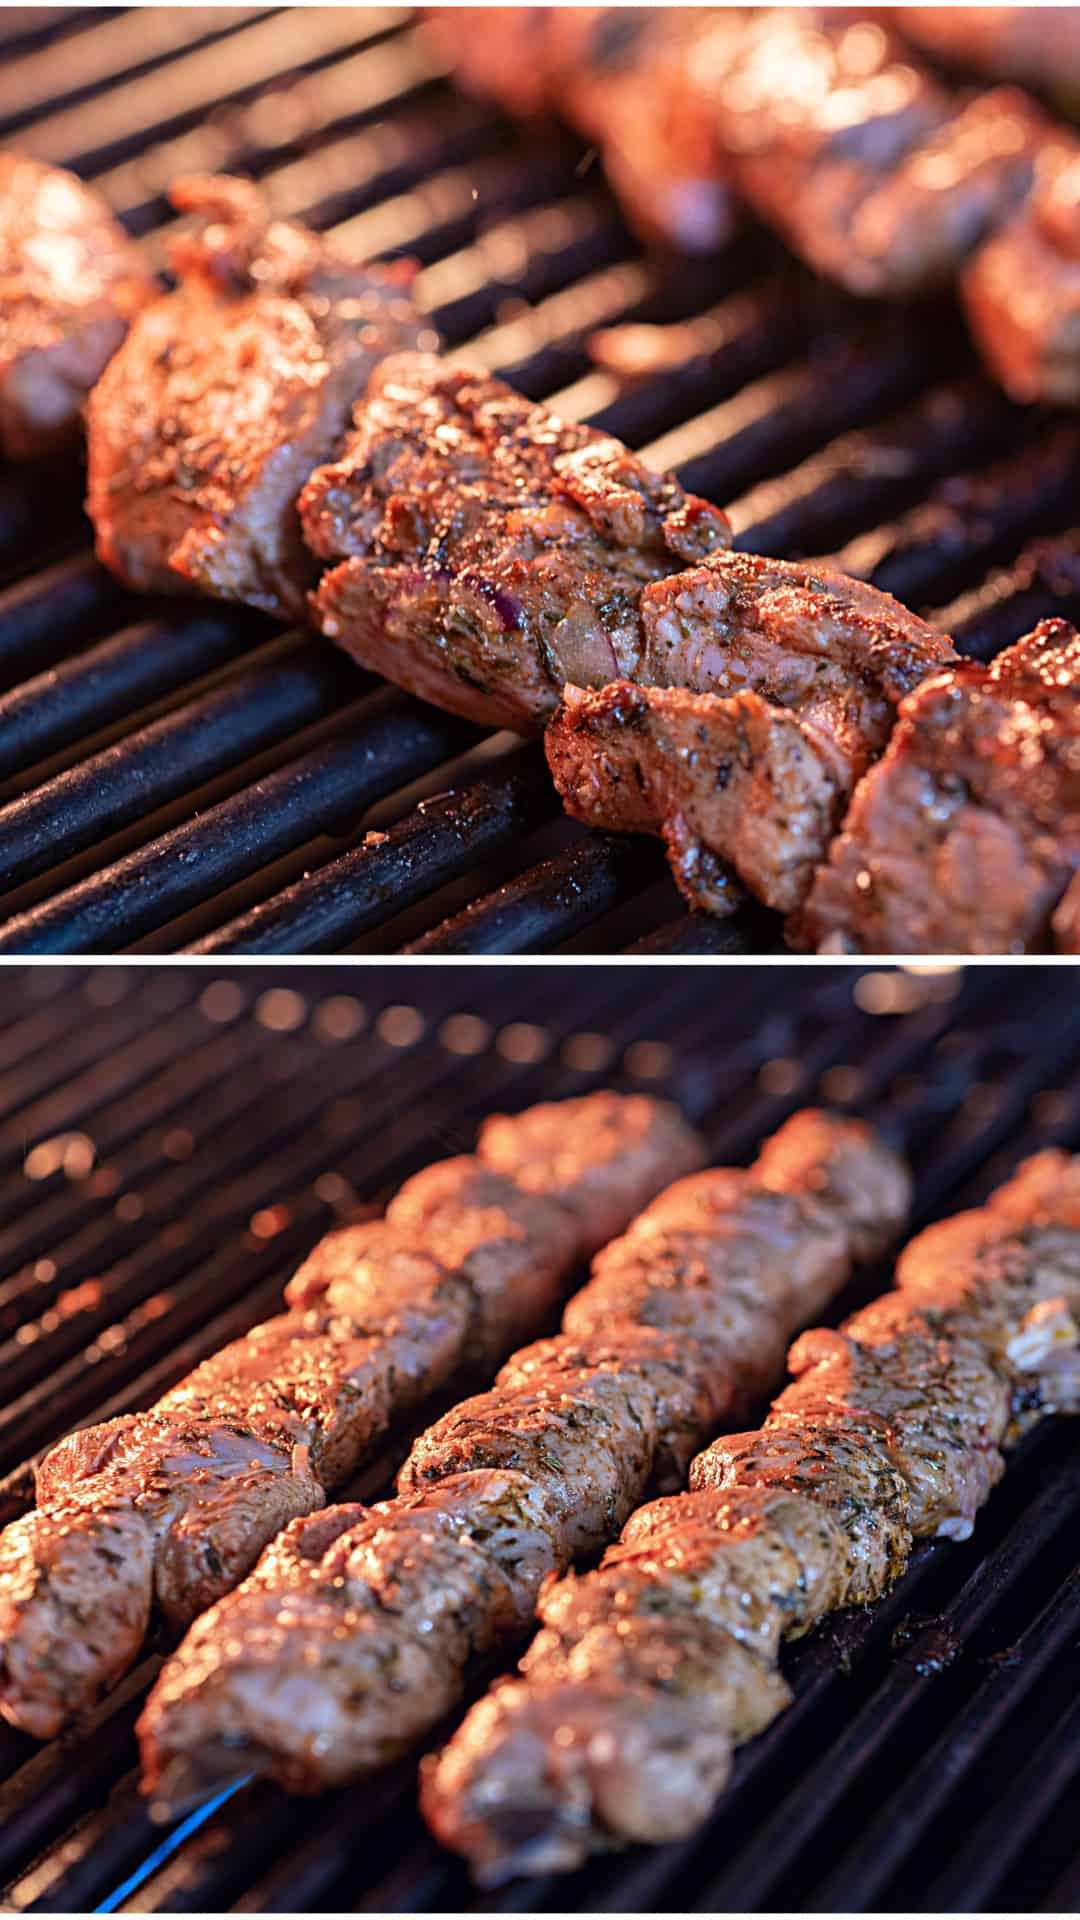 Marinated Greek Lamb Souvlaki on a grill